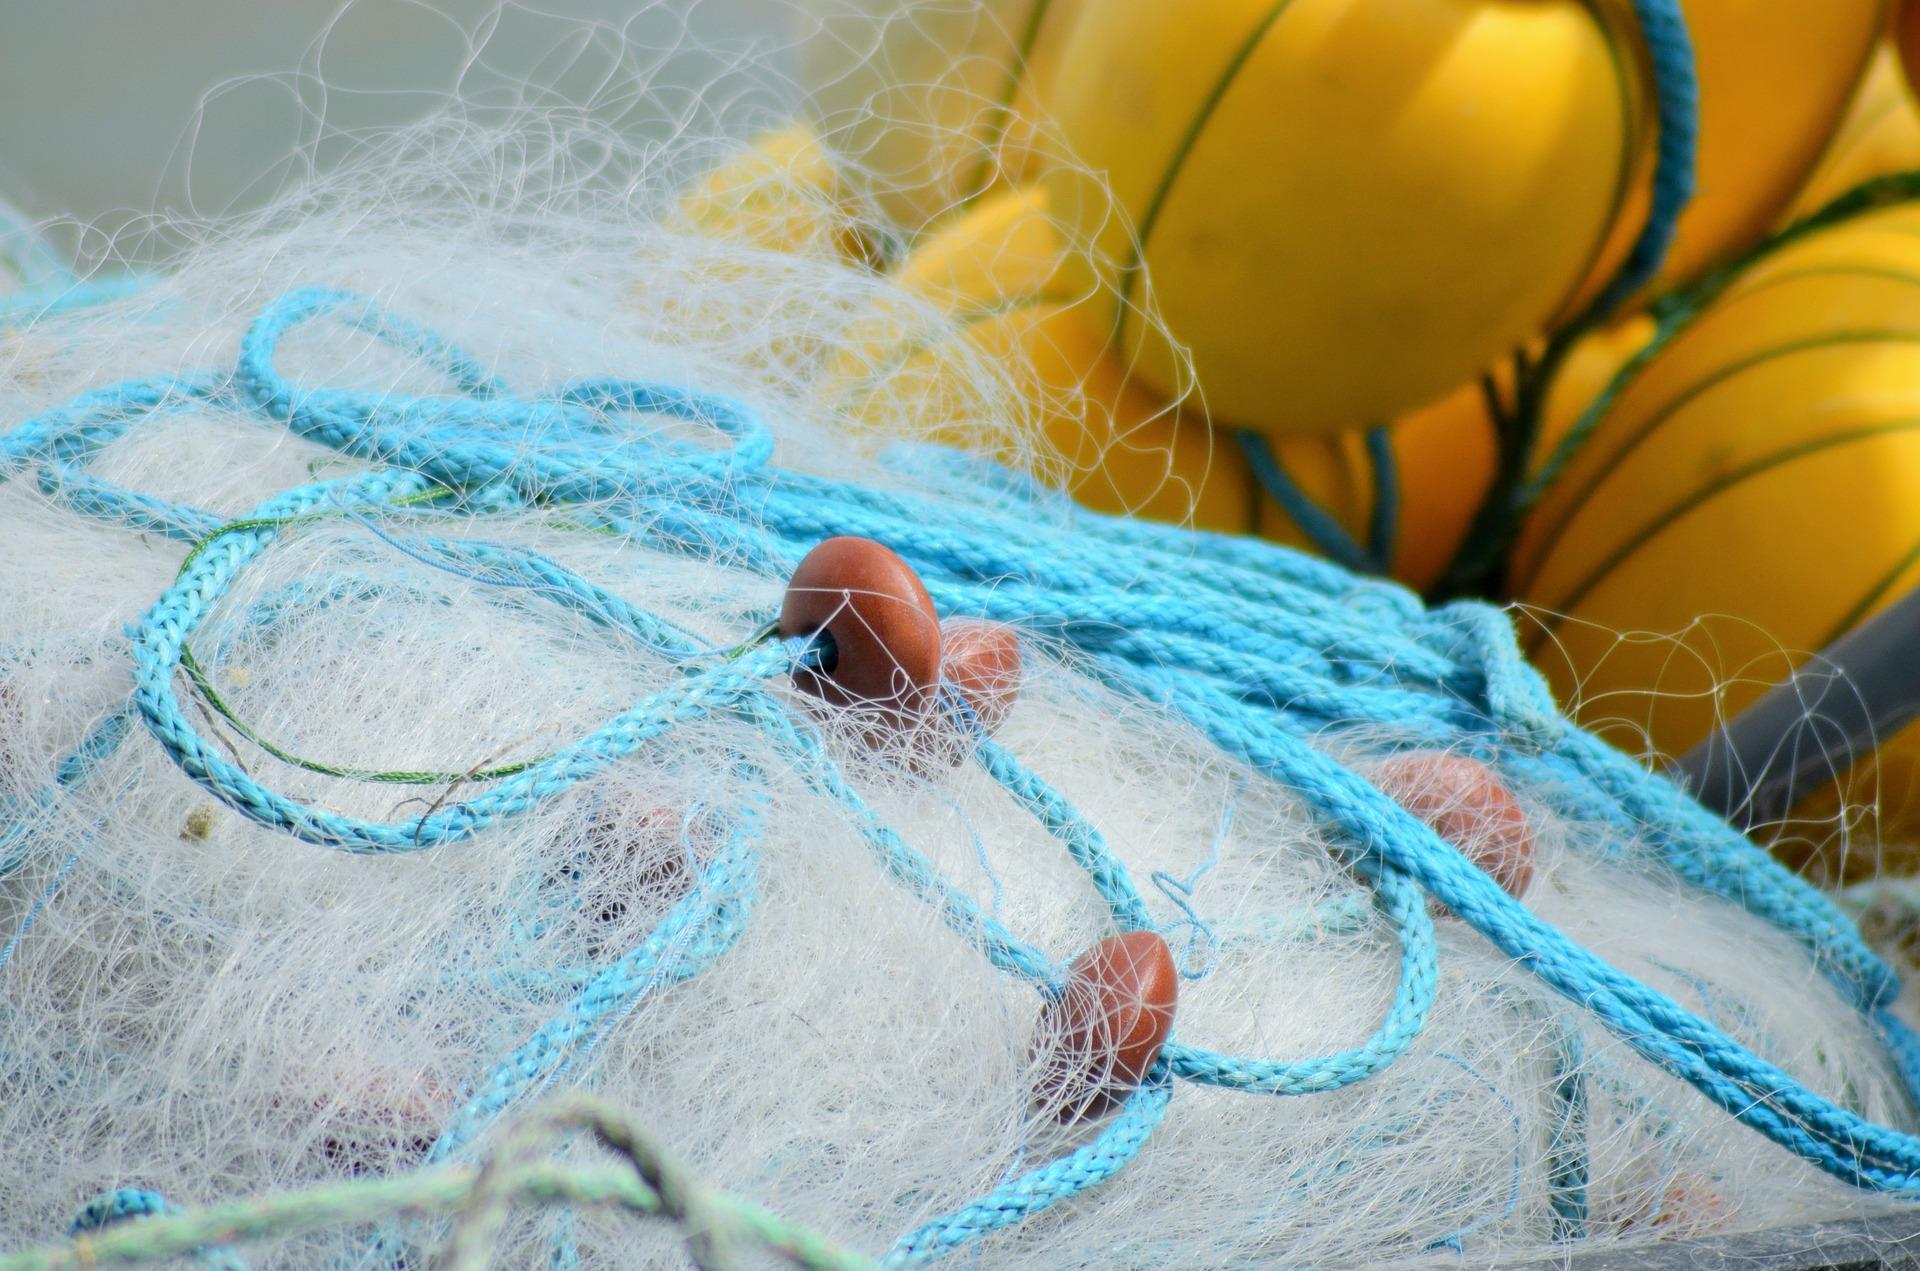 Rybaření jako odpočinek od všedního dne